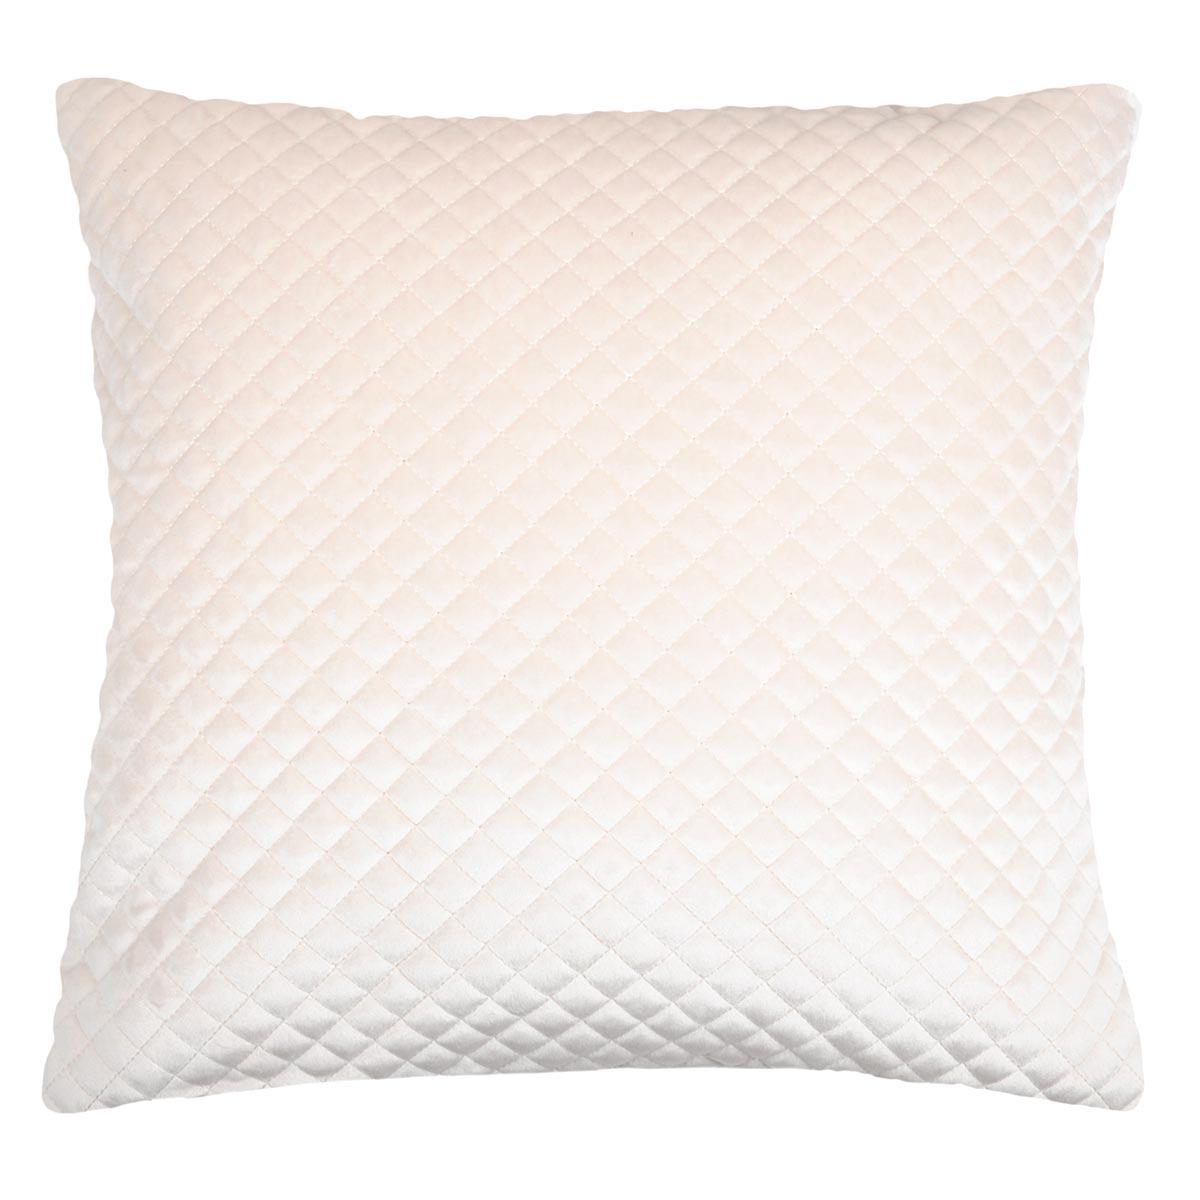 Διακοσμητικό Μαξιλάρι (45×45) S-F Baryton Ecru C08755002